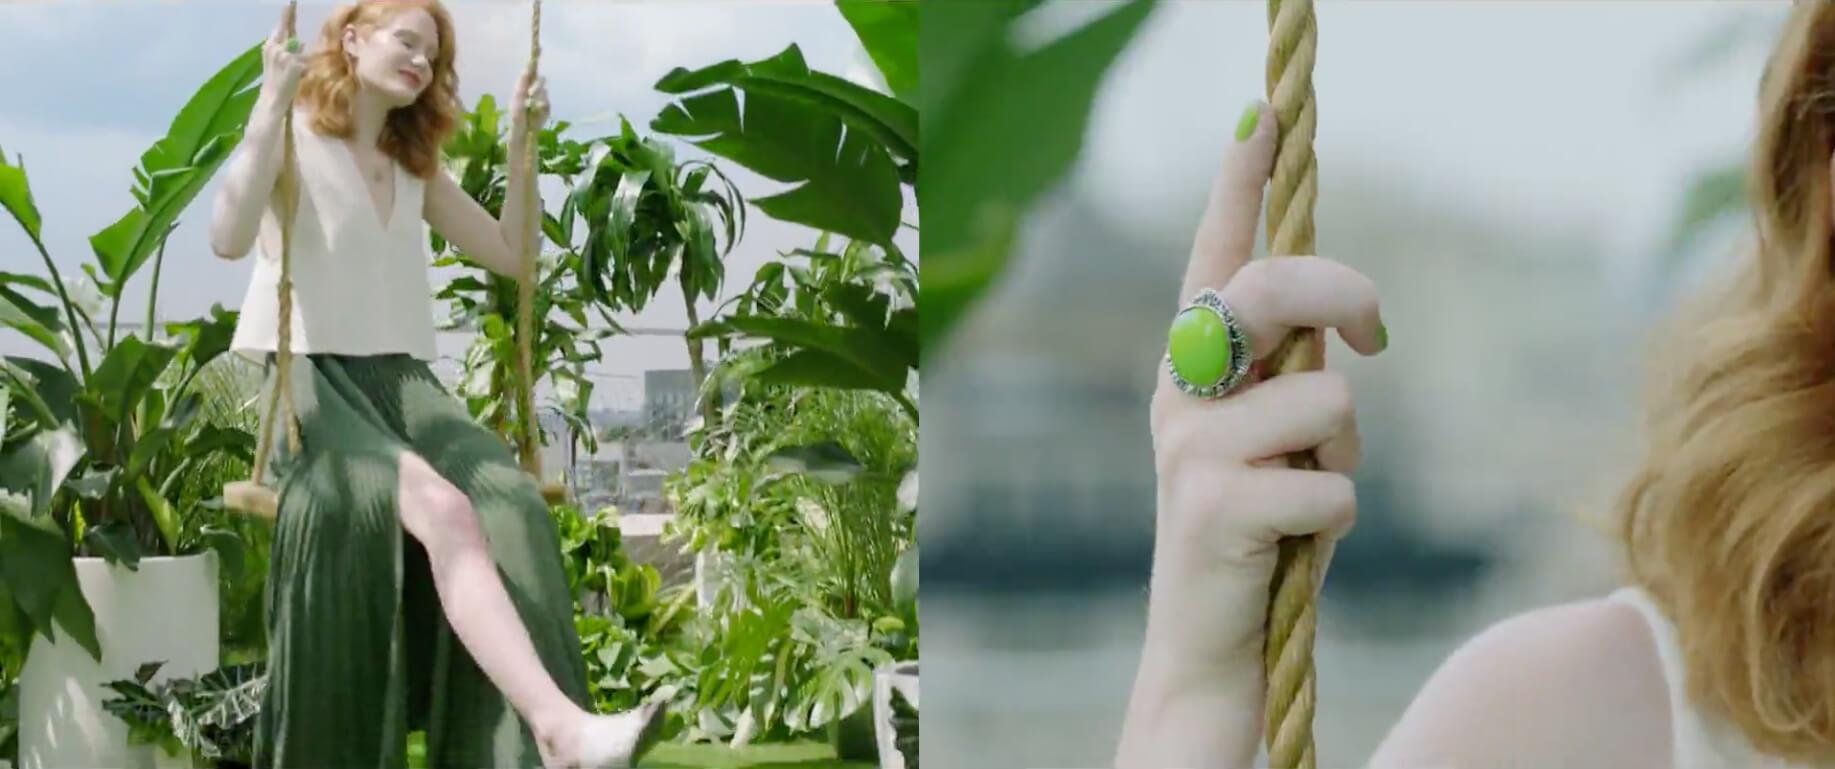 greenery 3 - Grüne Aussichten für 2017